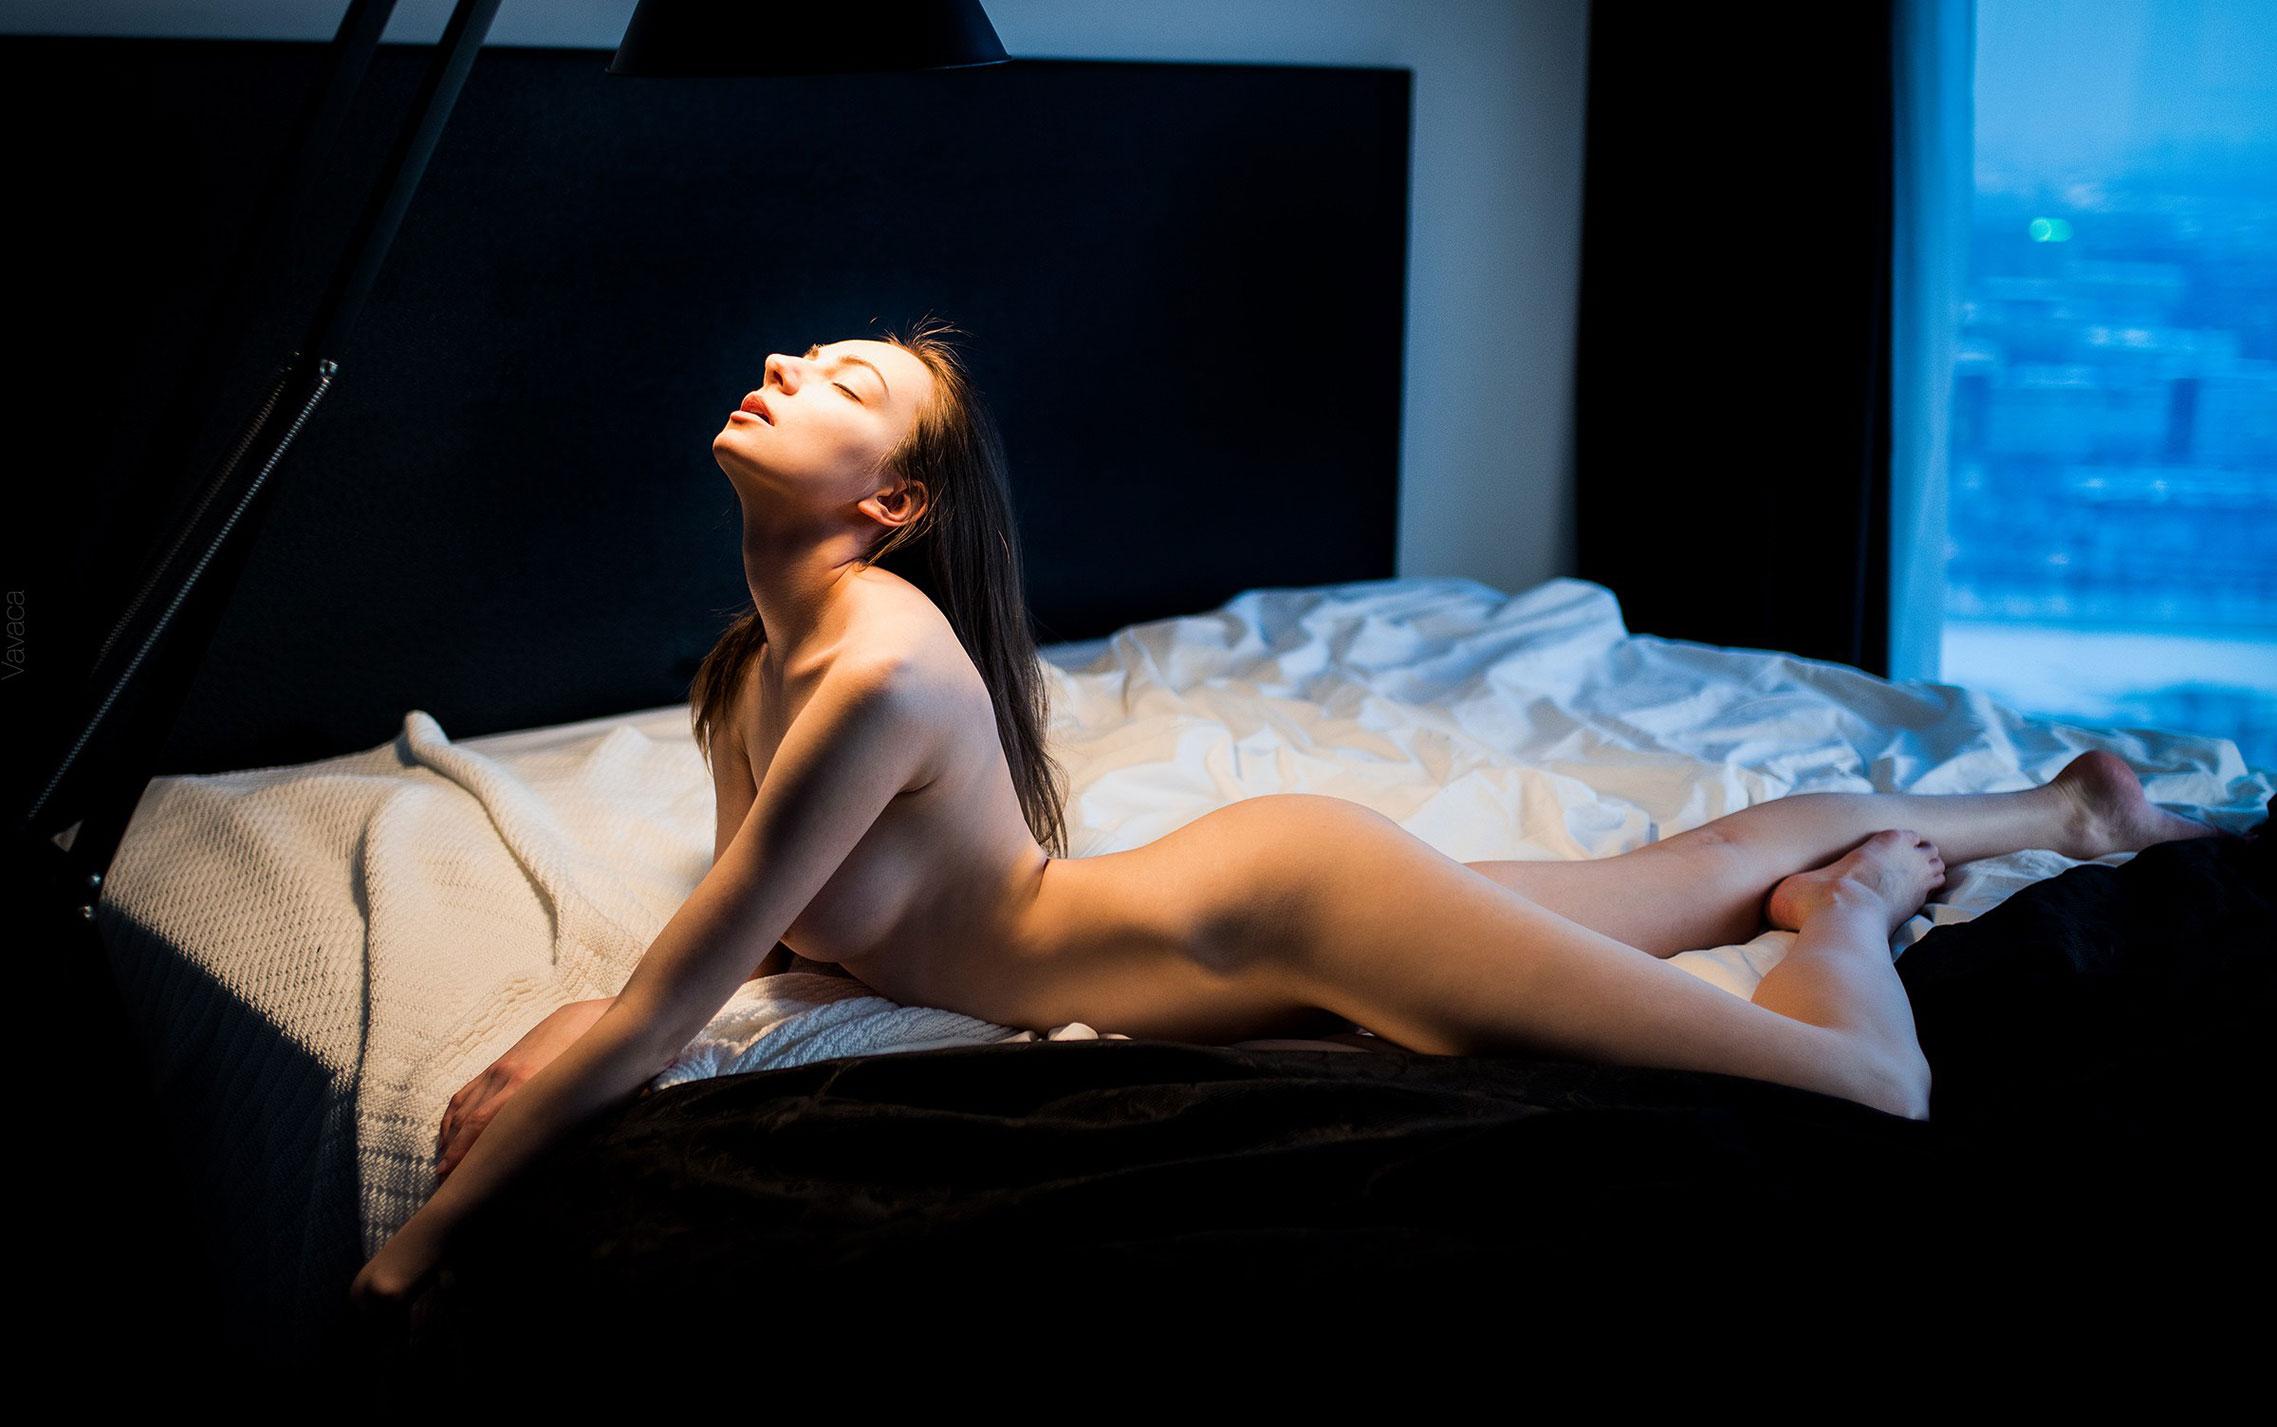 голая Марго Амп в постели под абажуром стильной настольной лампы / фото 01